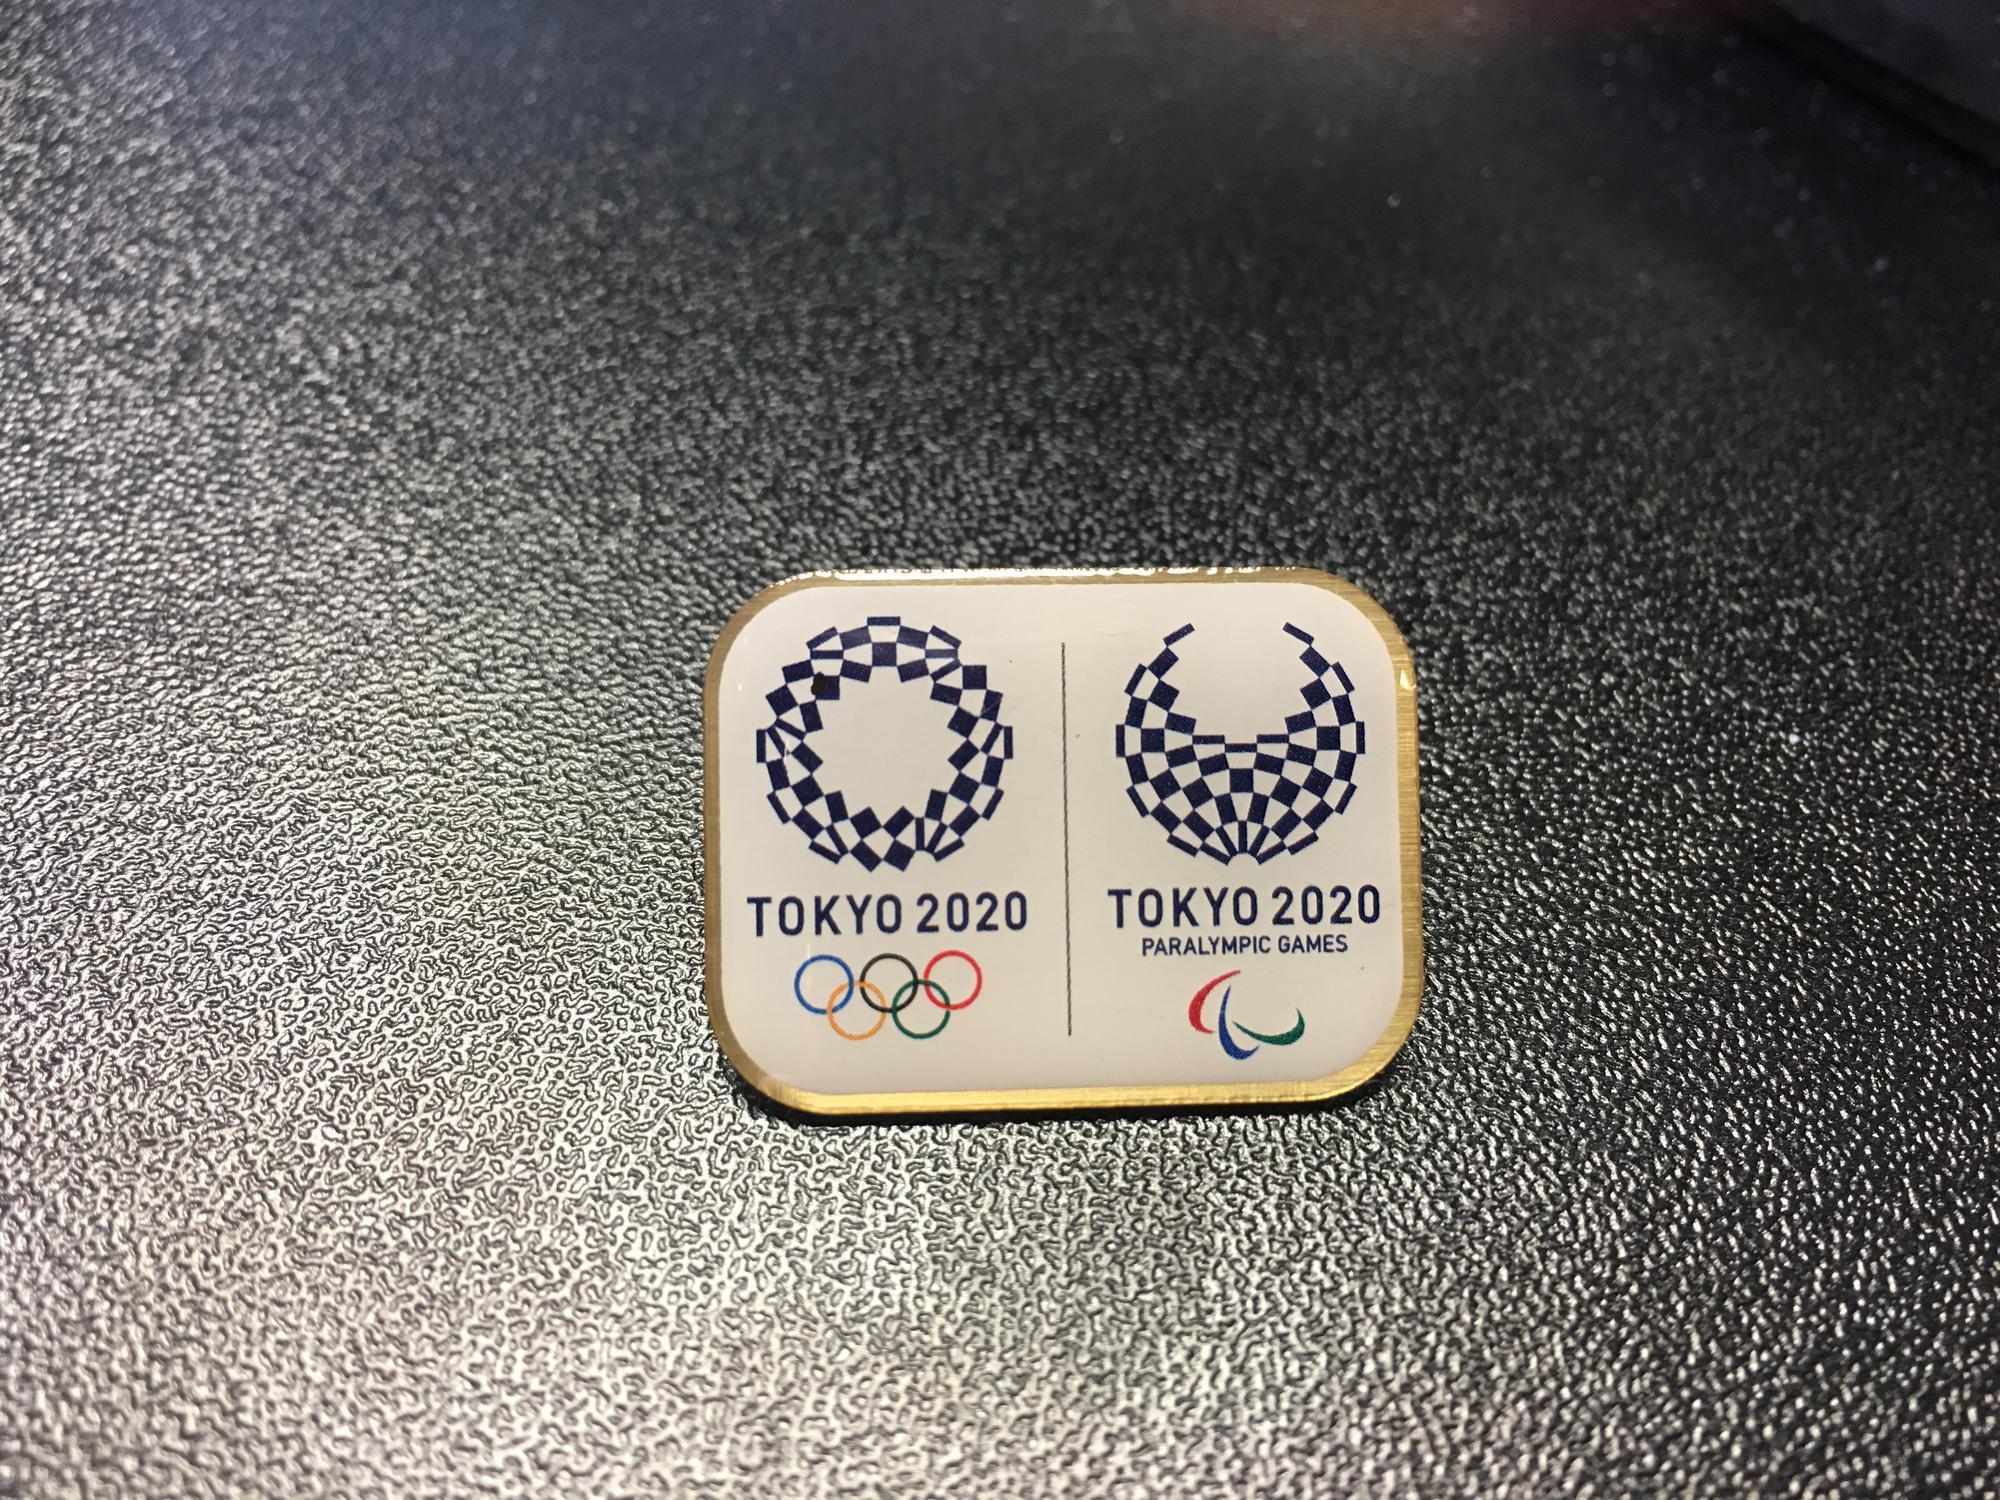 Tokyo 2020 Olympic and Paralympic Games Bid Pin (Post)